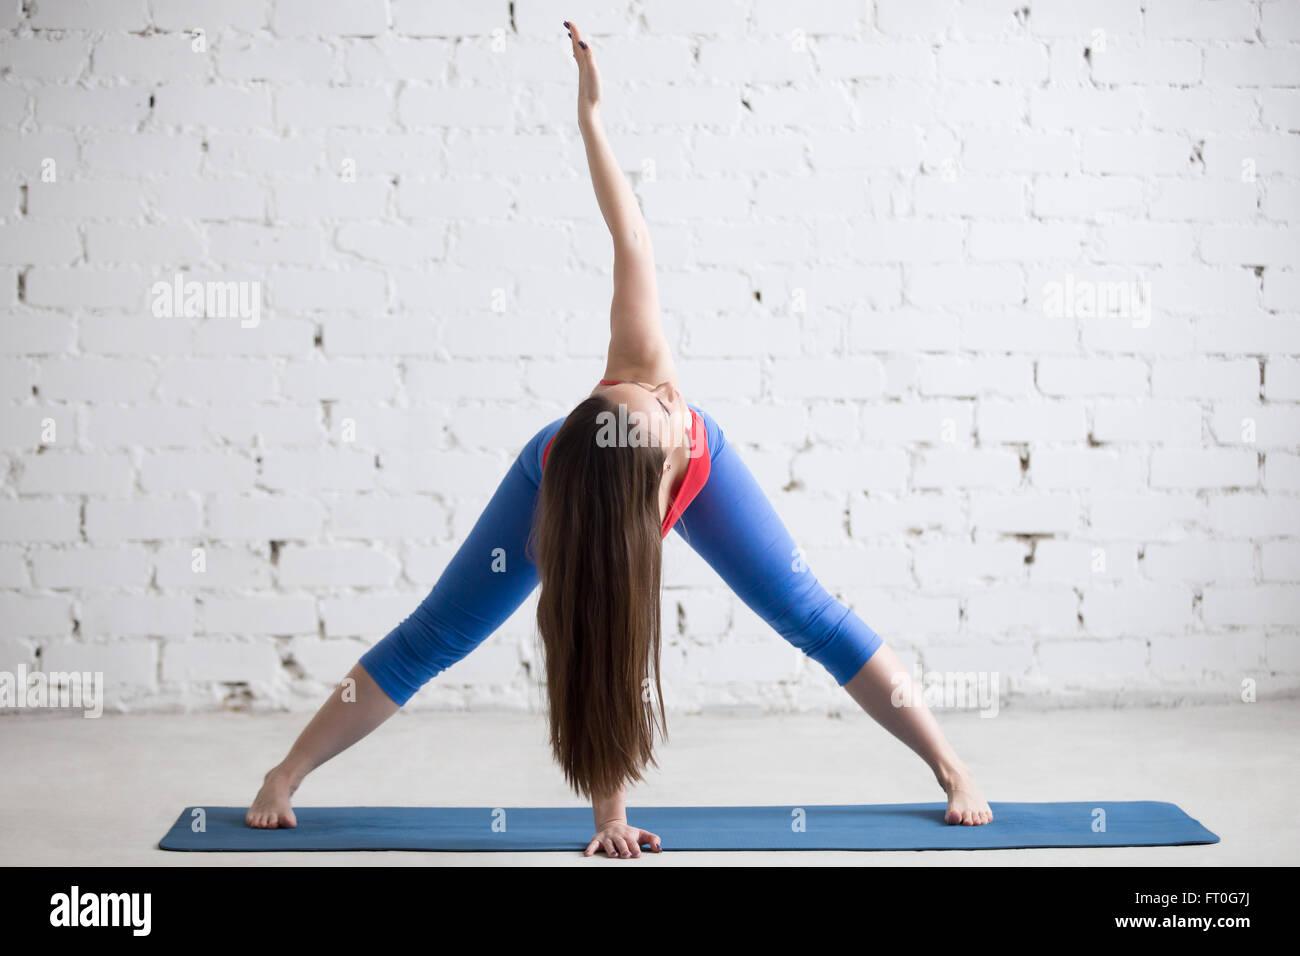 Schöne junge Frau in leuchtend bunte Sportbekleidung Training drinnen im Loft Interieur auf blauen Matte Stockbild